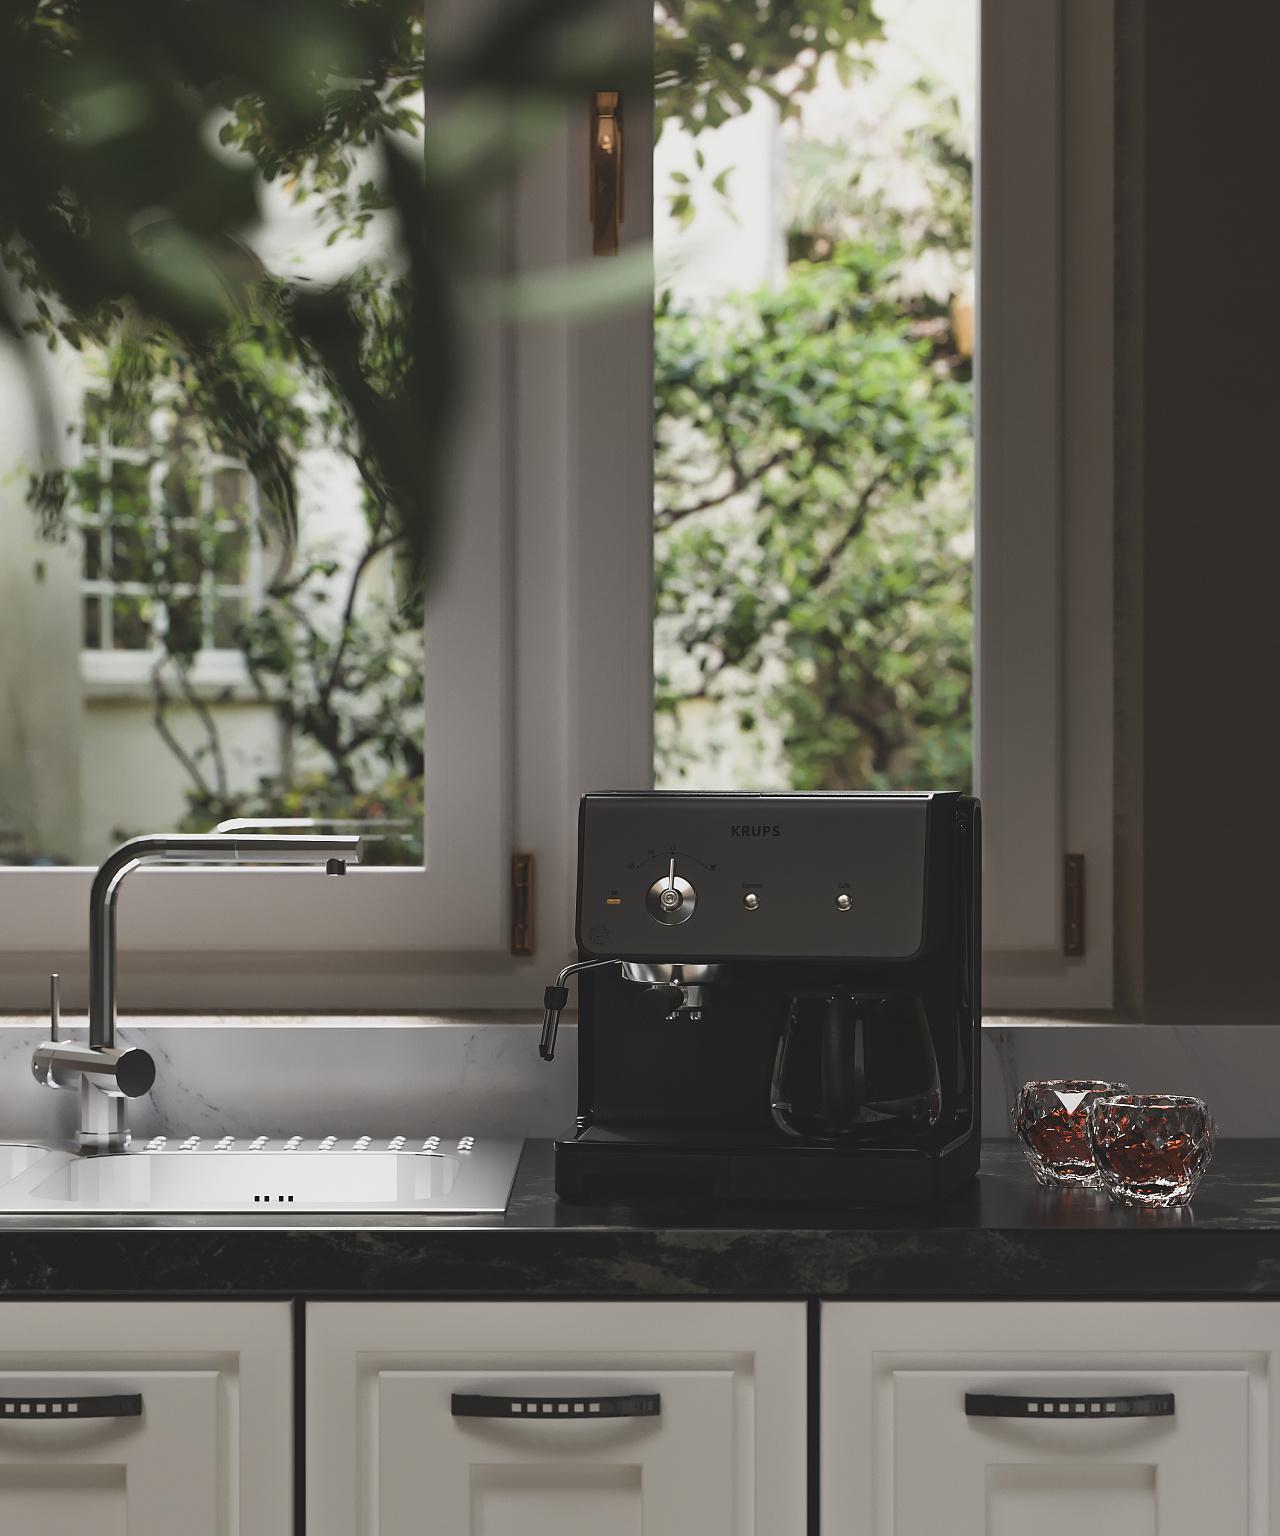 咖啡机/场景建模与渲染